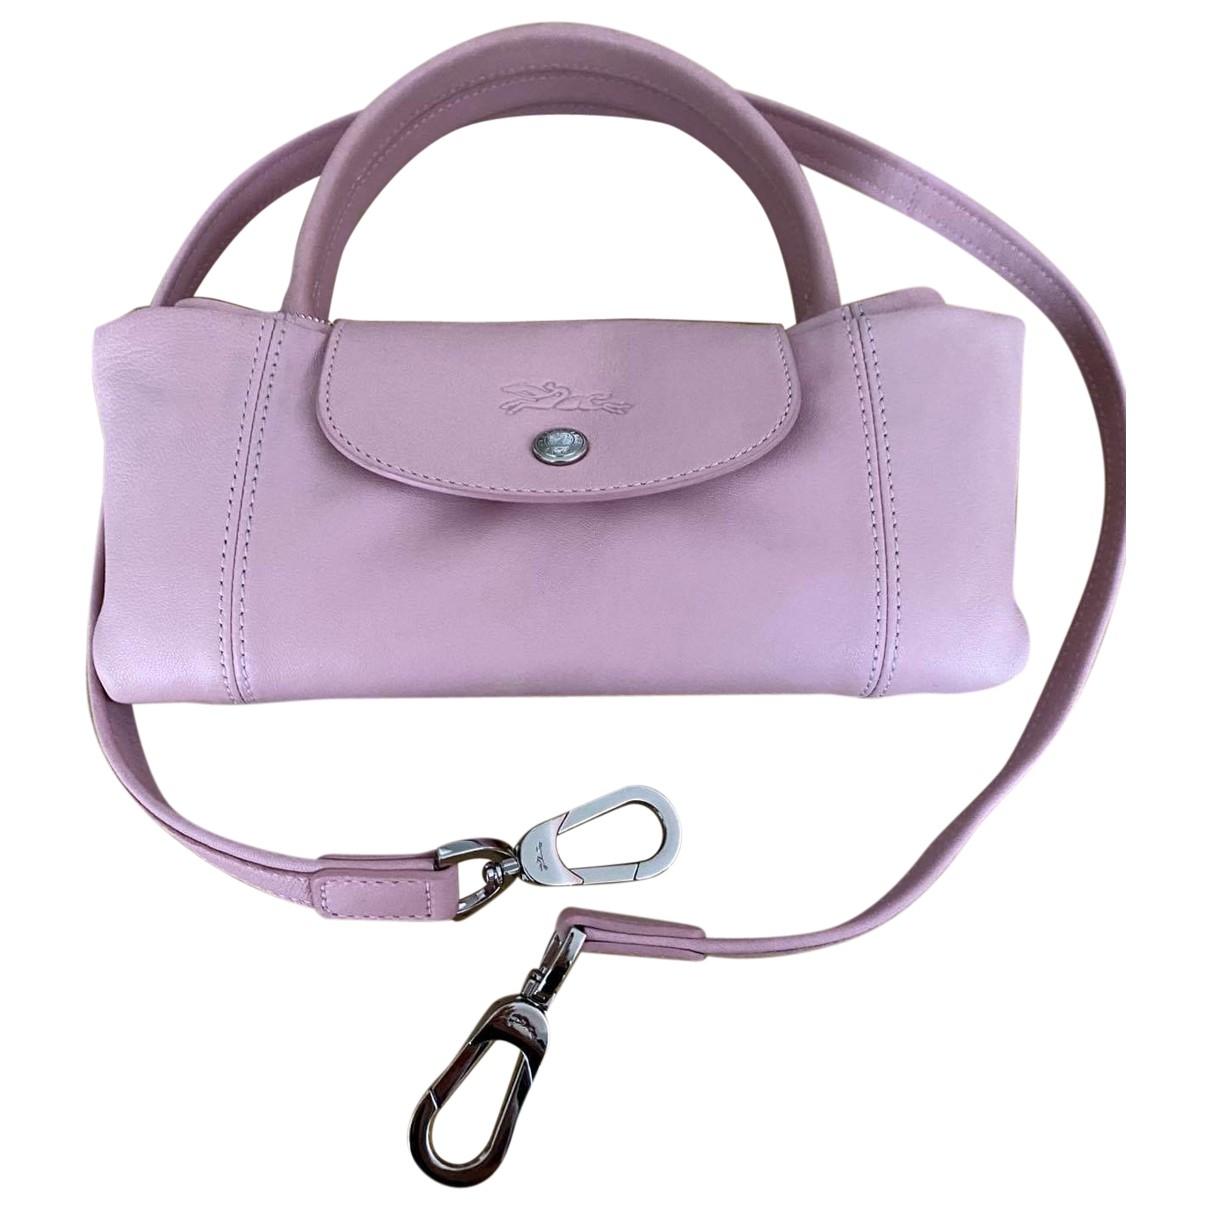 Longchamp - Sac a main Pliage  pour femme en cuir - rose